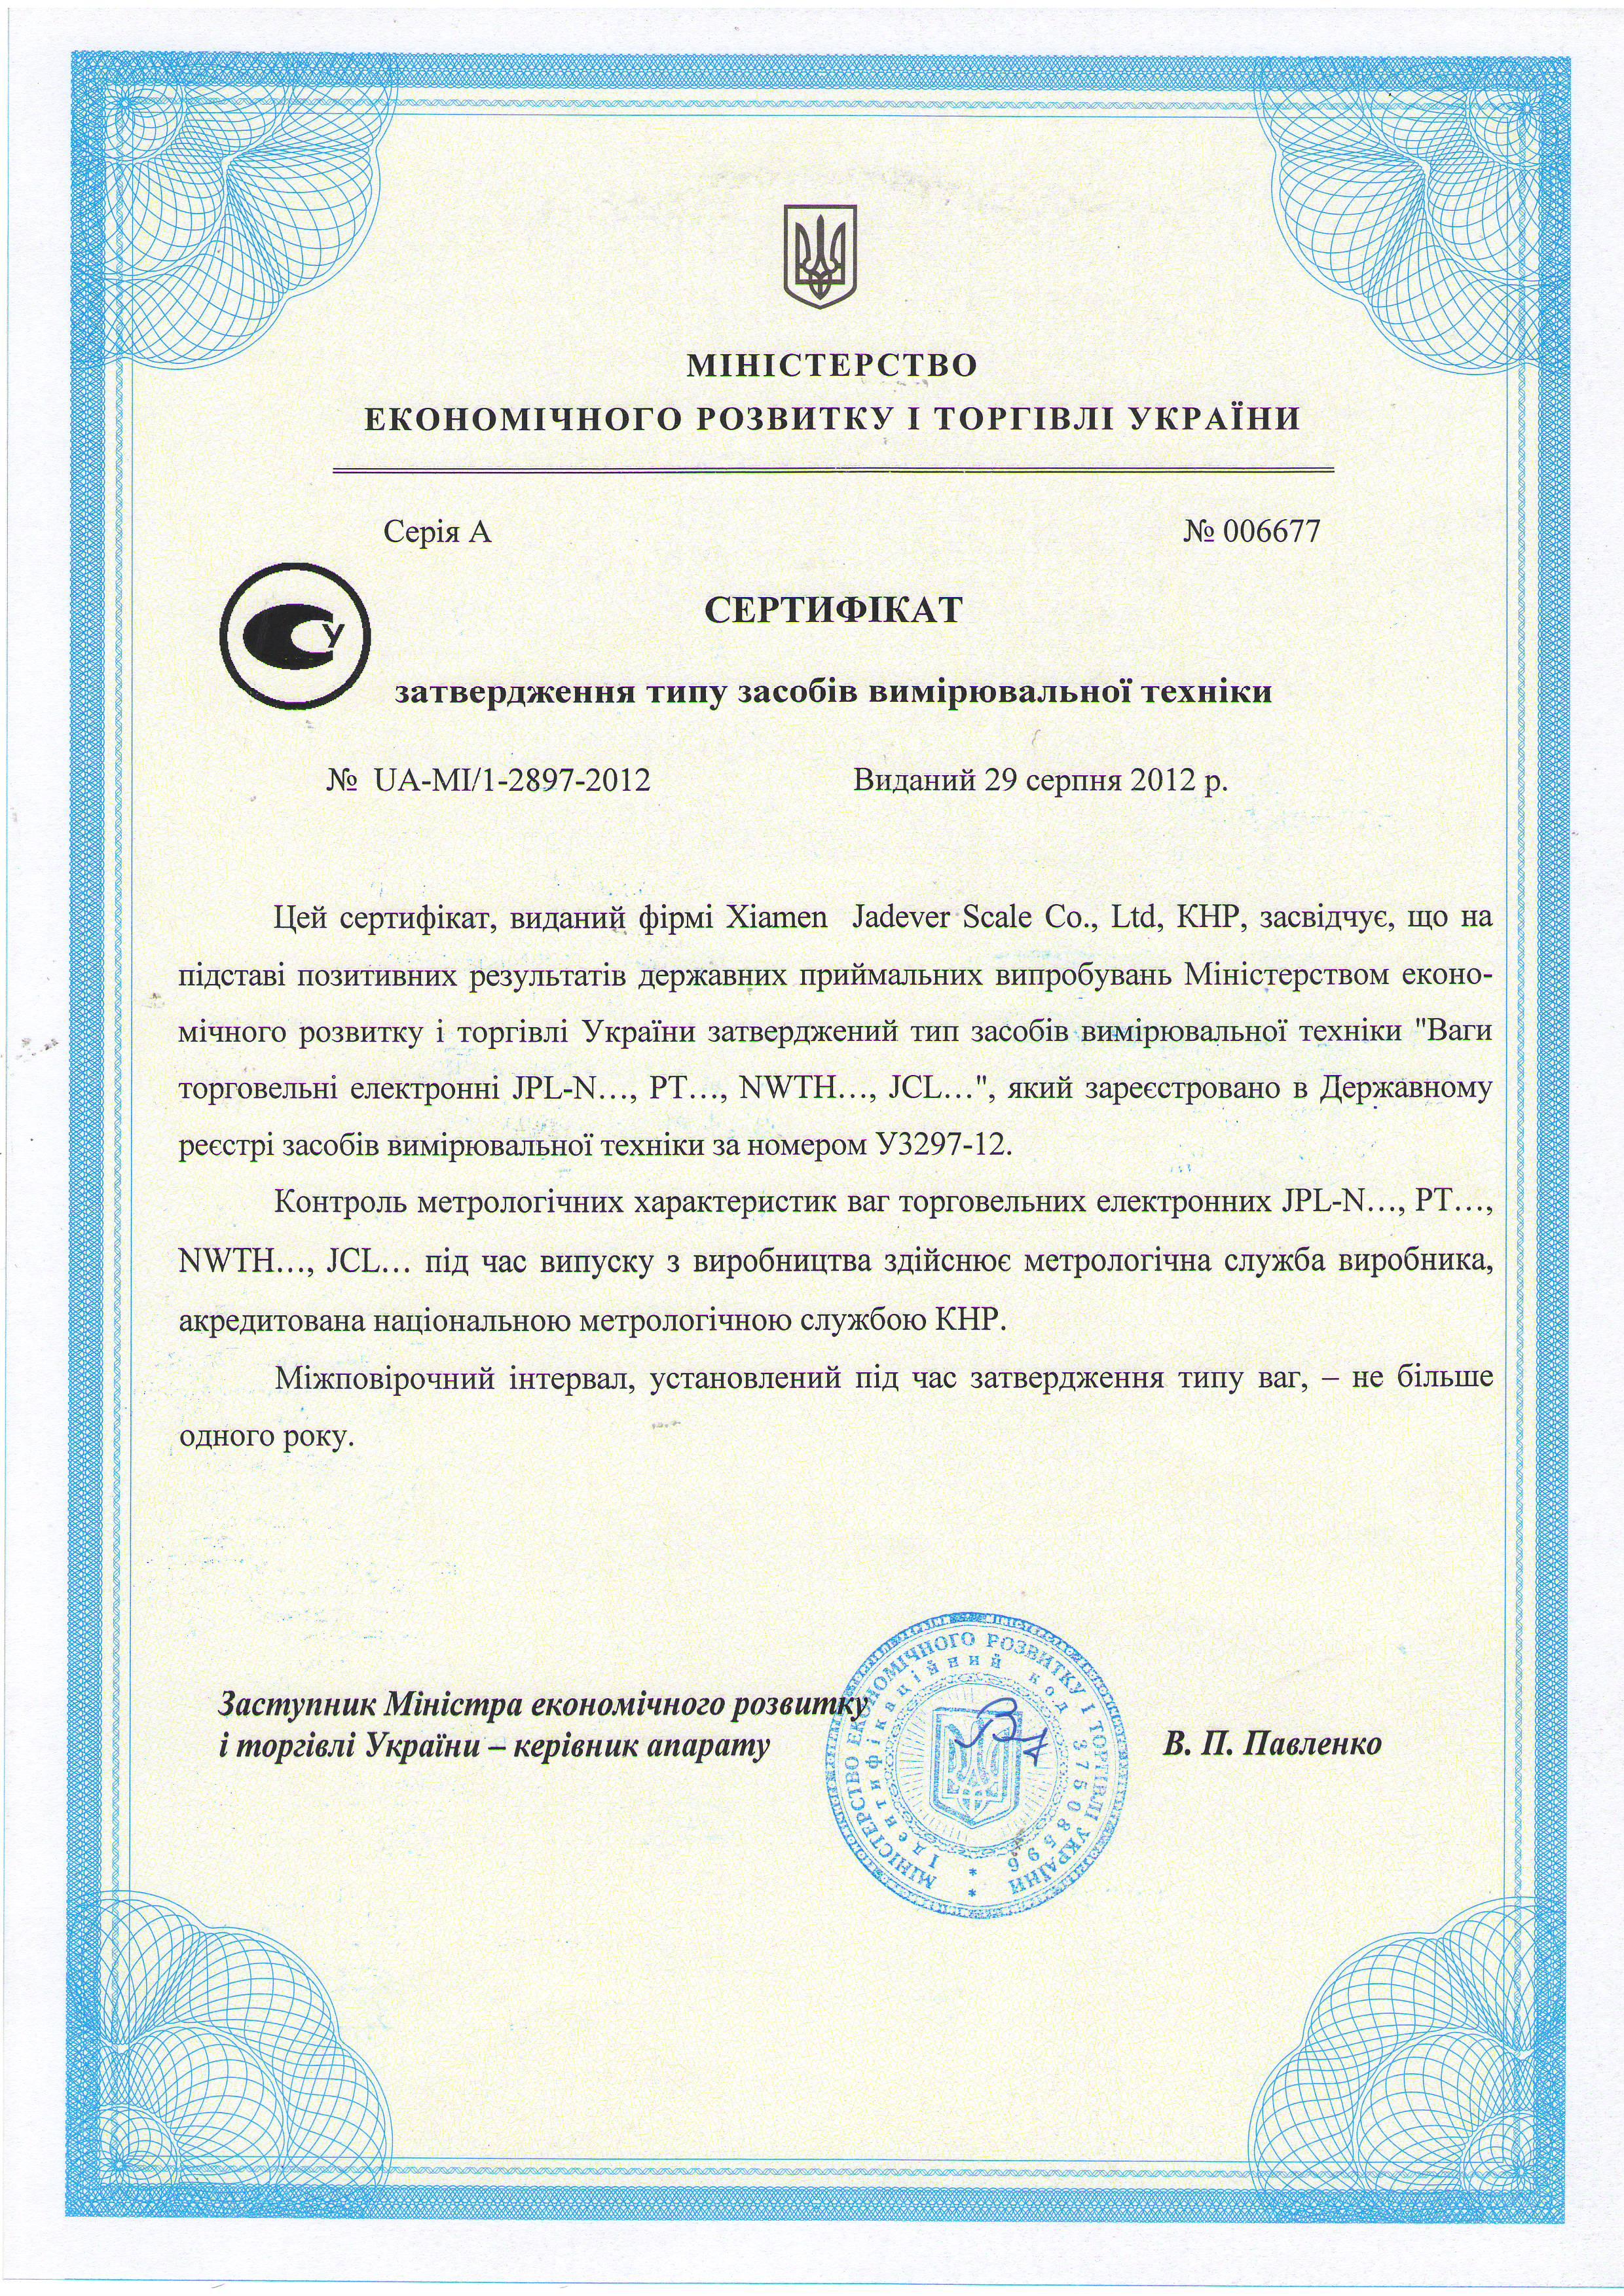 Сертификат Jadever - 1kg.com.ua